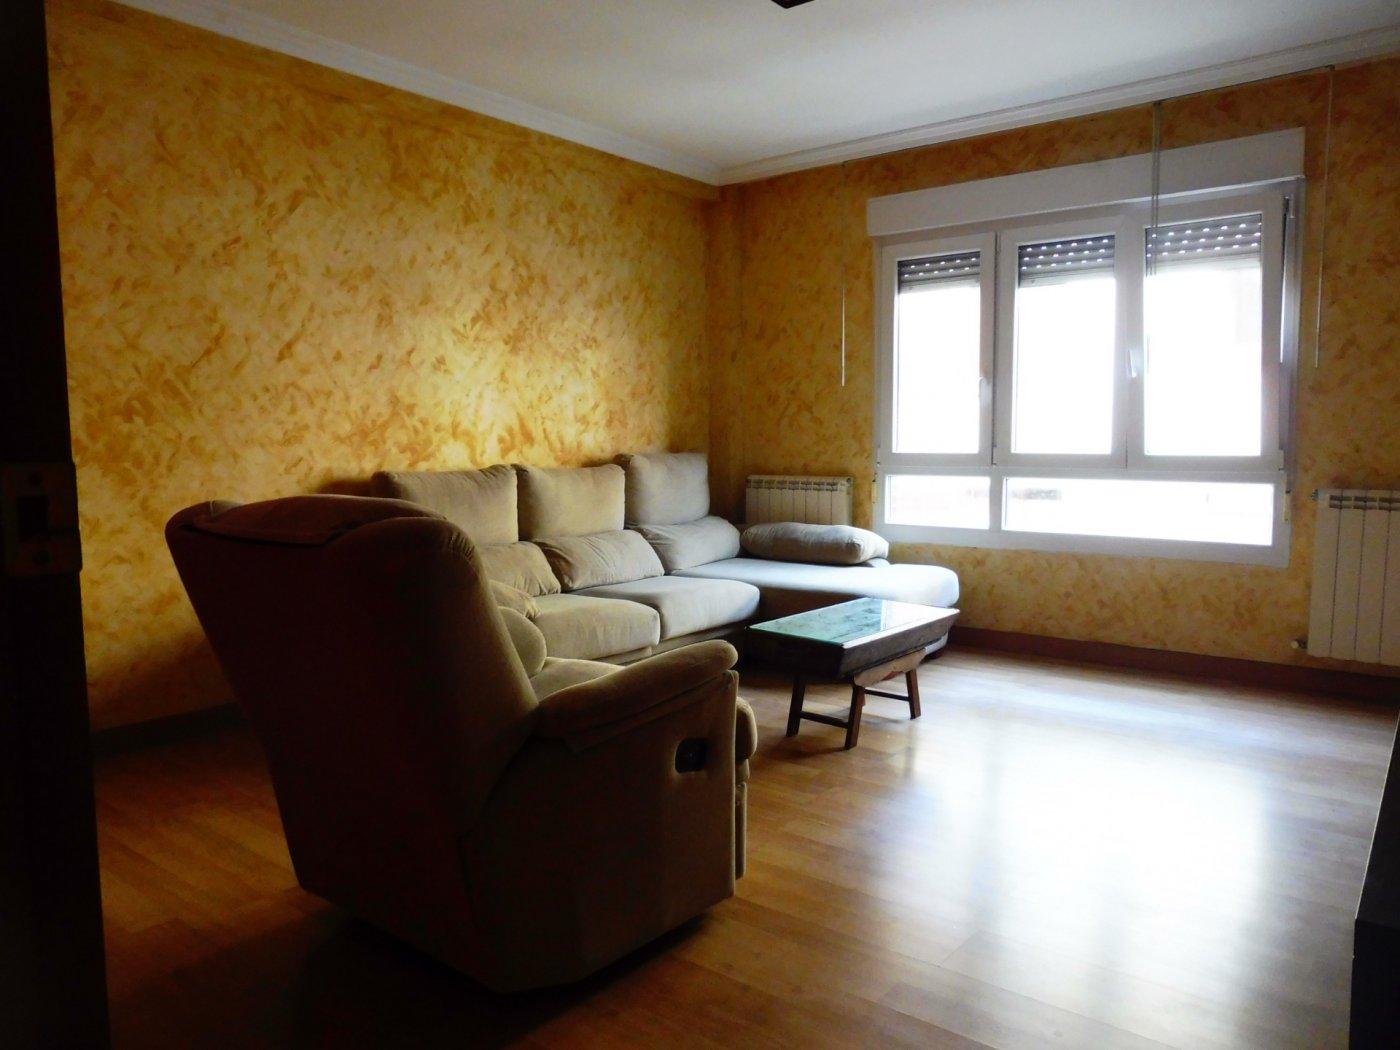 Amplio piso enfrente del centro de salud de perchera en nuevo gijón - imagenInmueble22